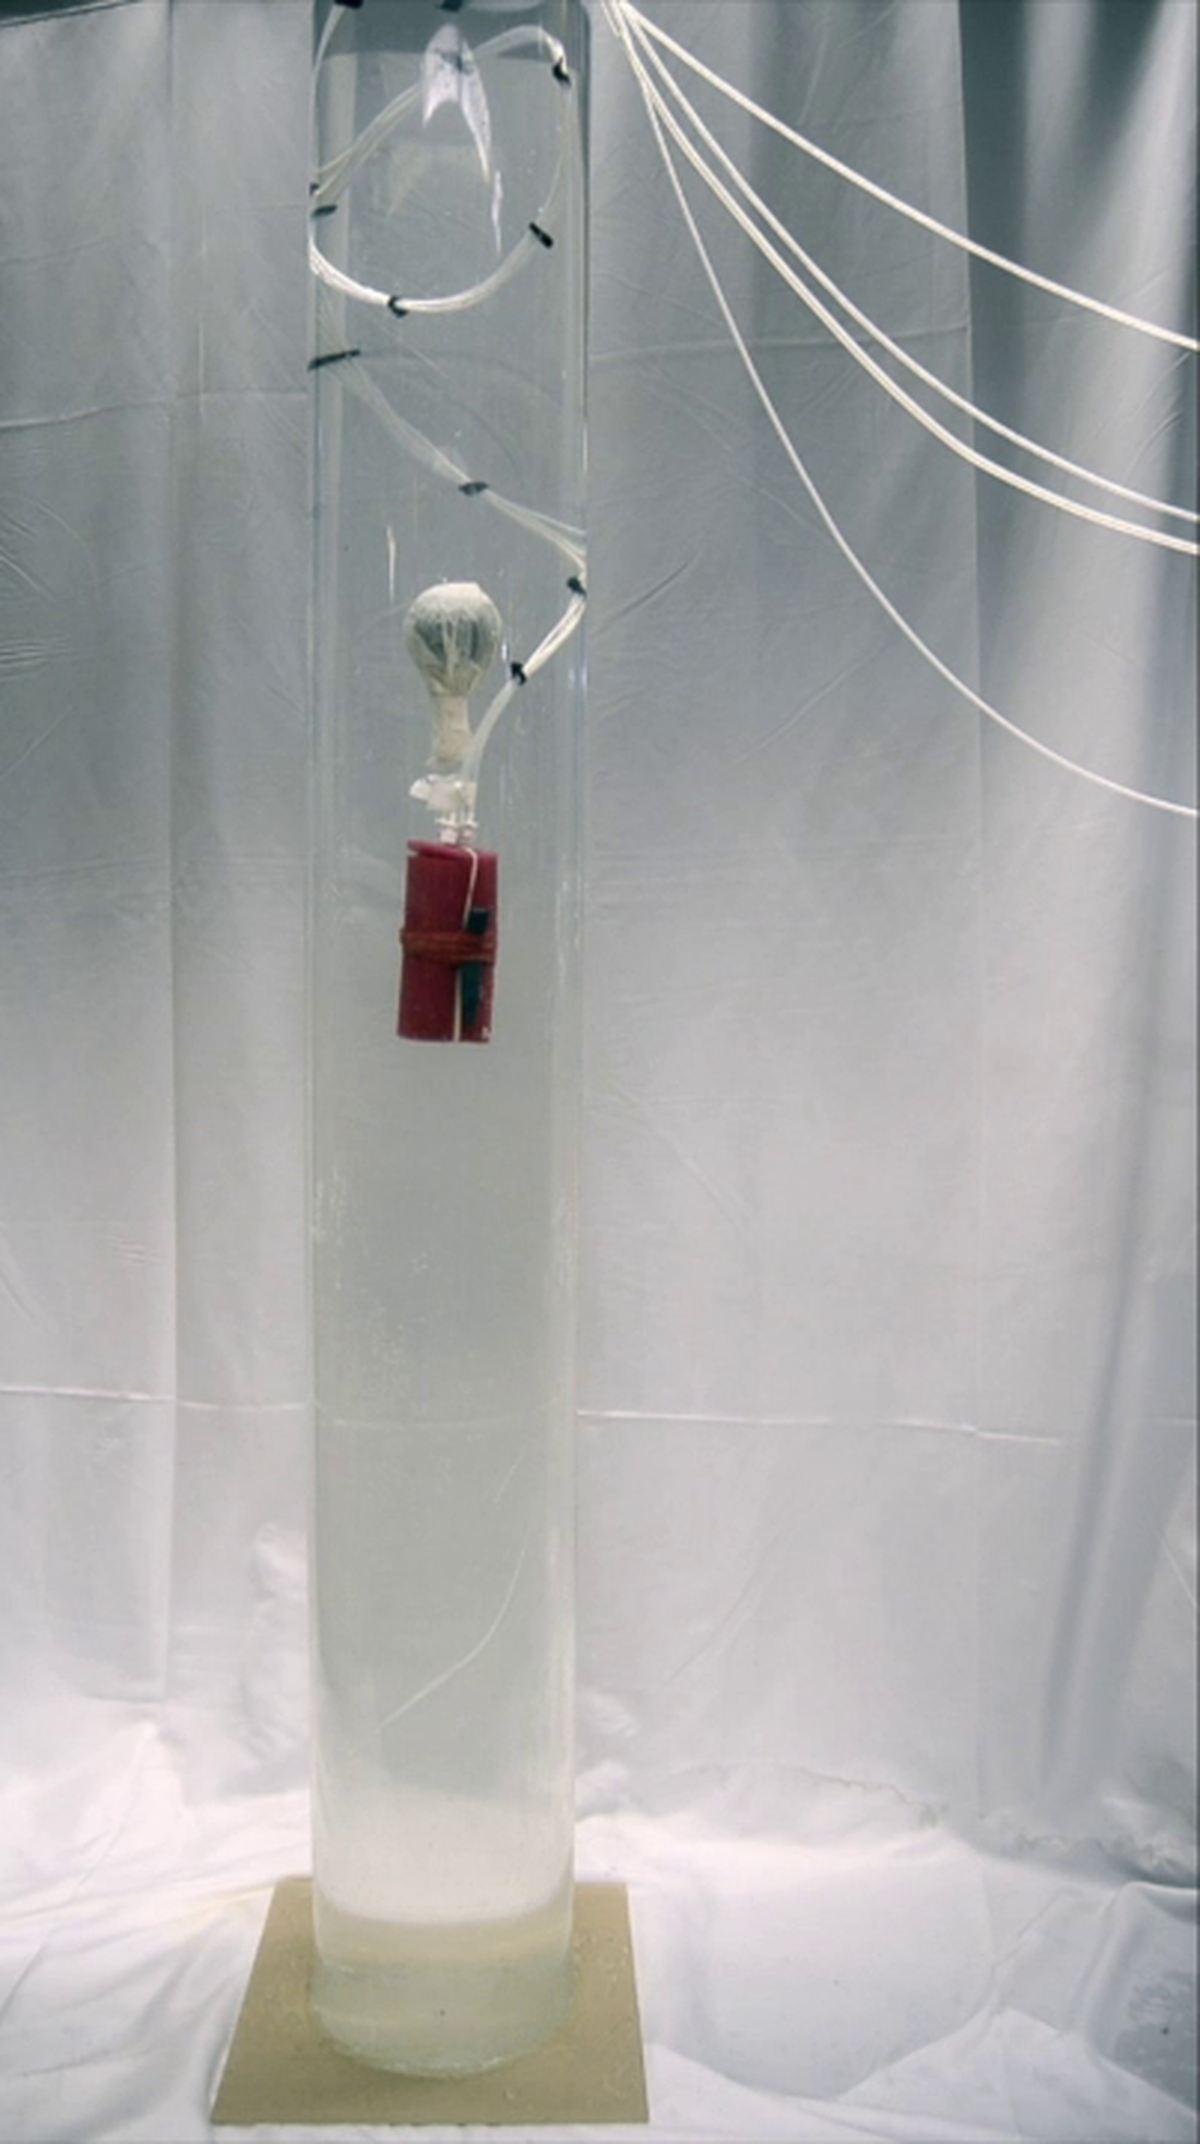 Des chercheurs proposent des robots mous qui sont alimenté par un ordinateur en caoutchouc. Un pas de plus pour une robotique molle fonctionnelle.